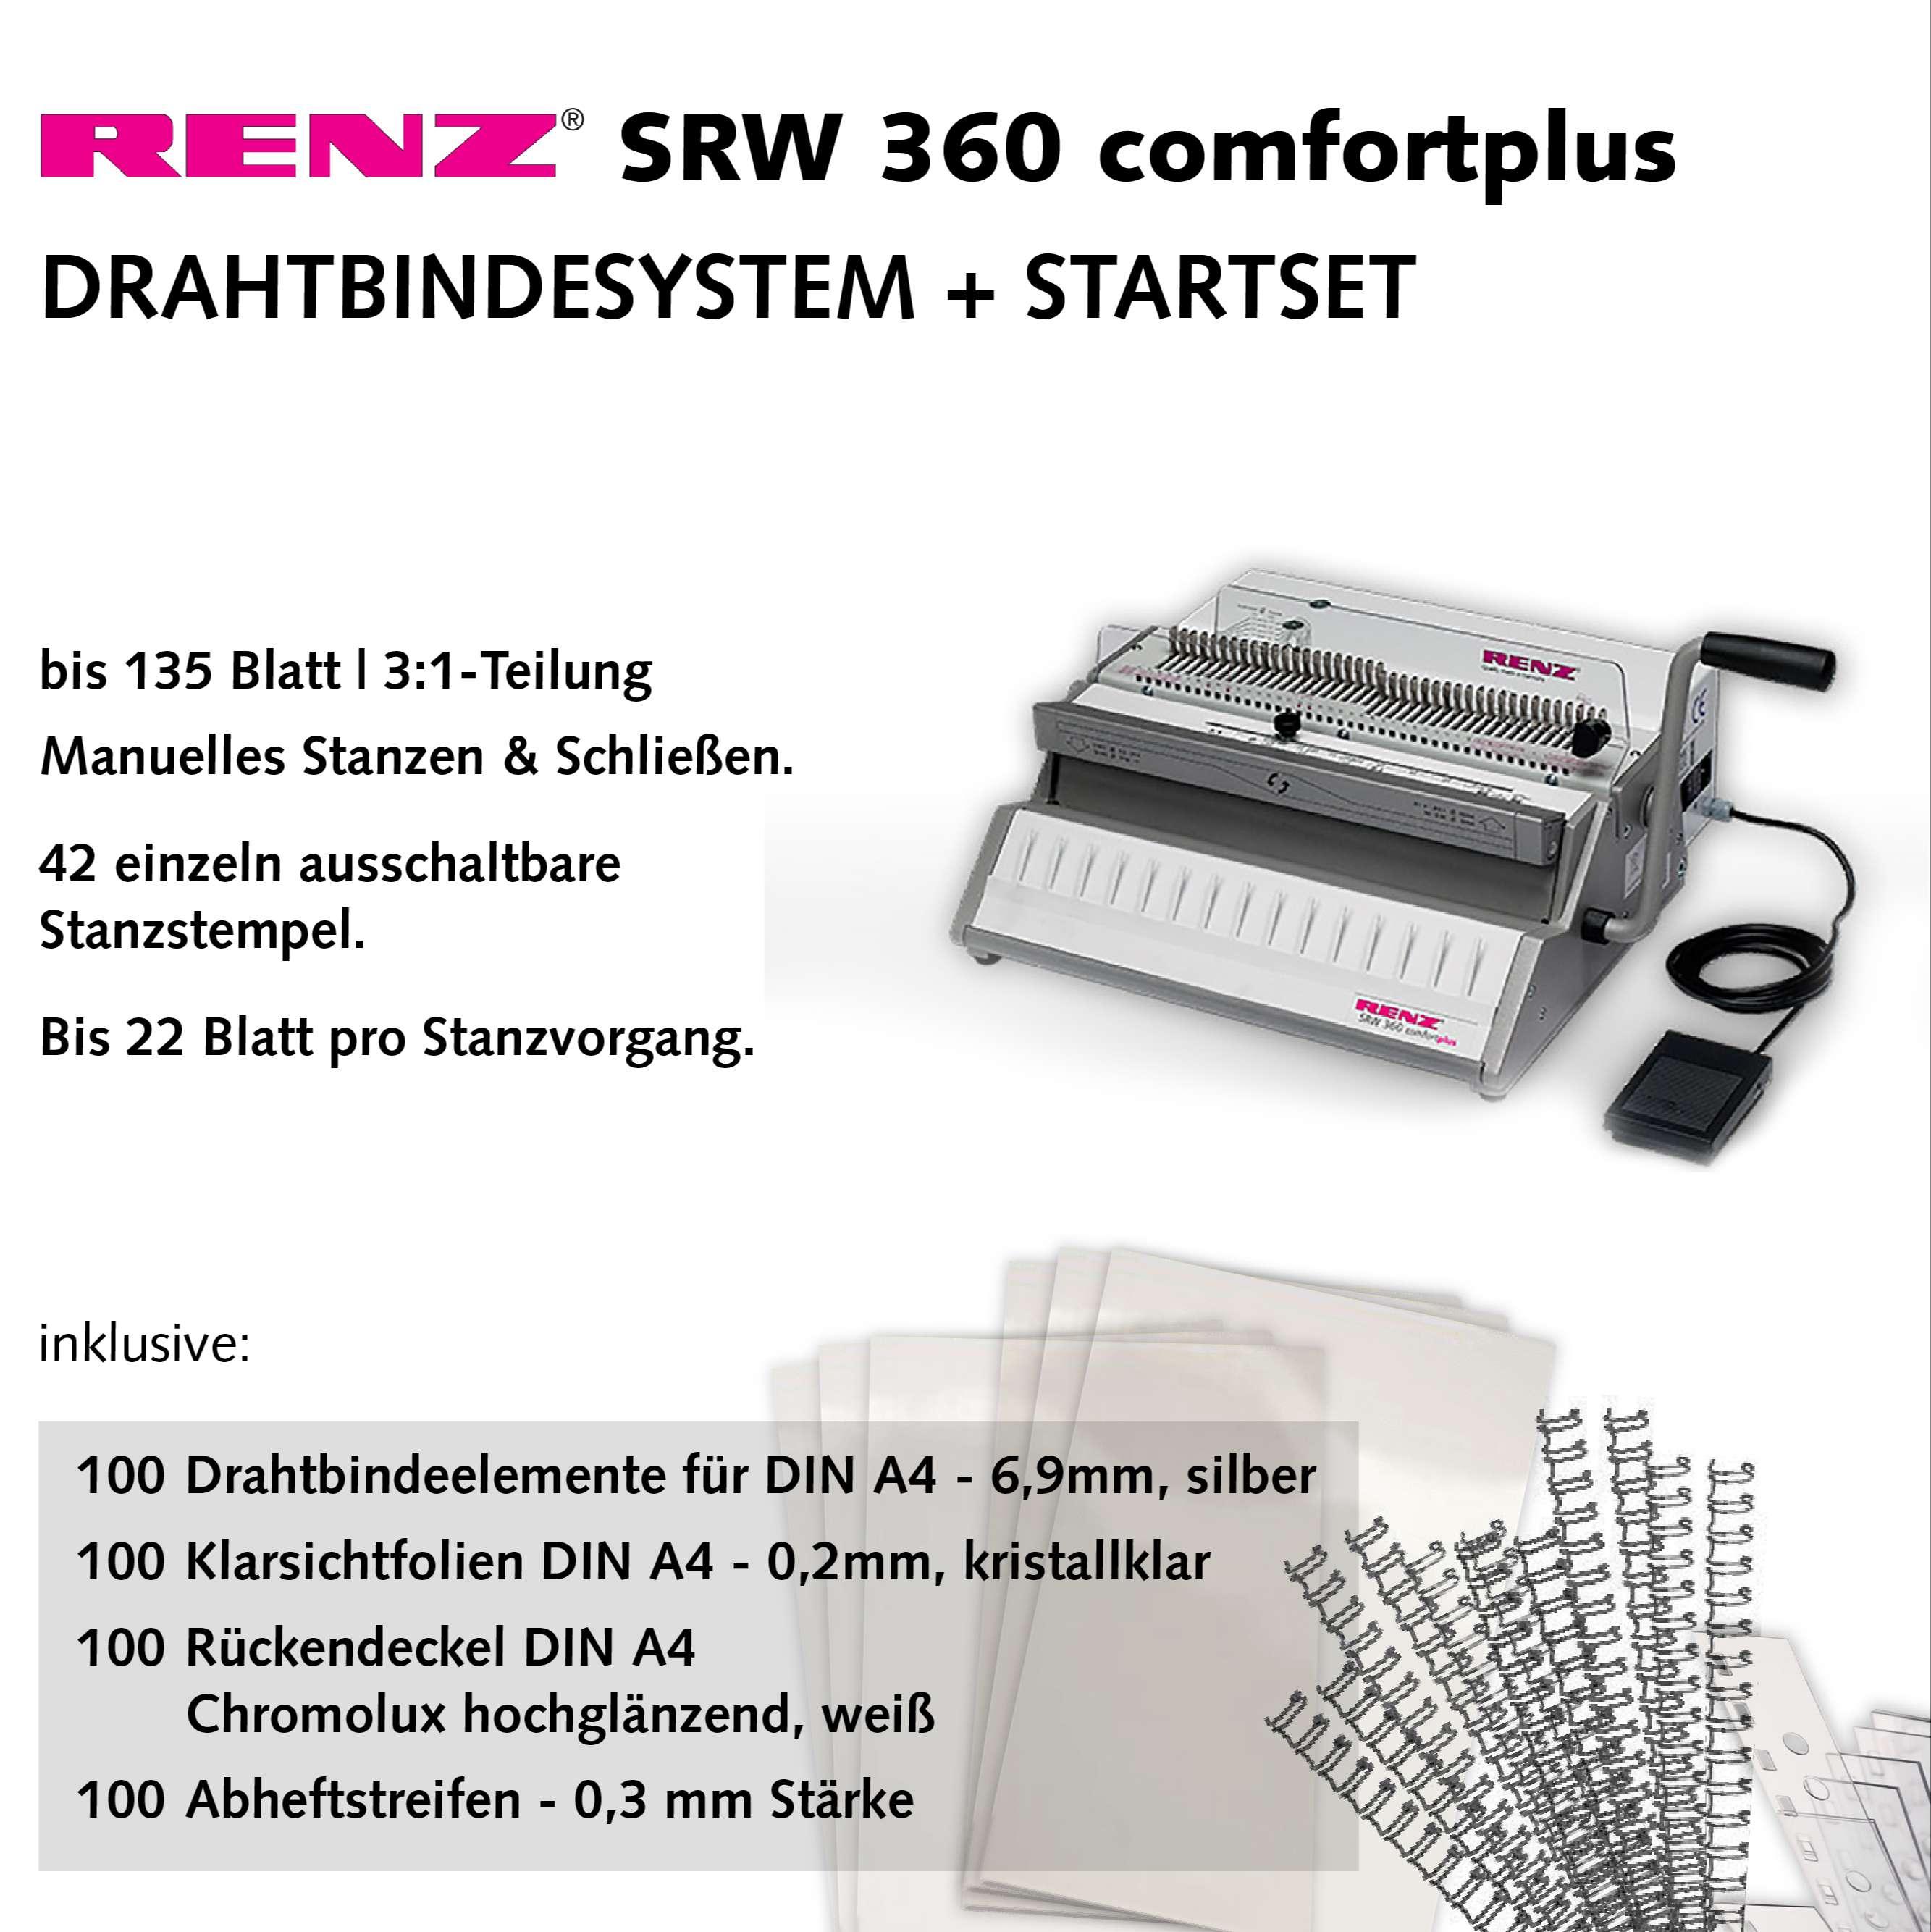 RENZ SRW 360 comfortplus - Startset